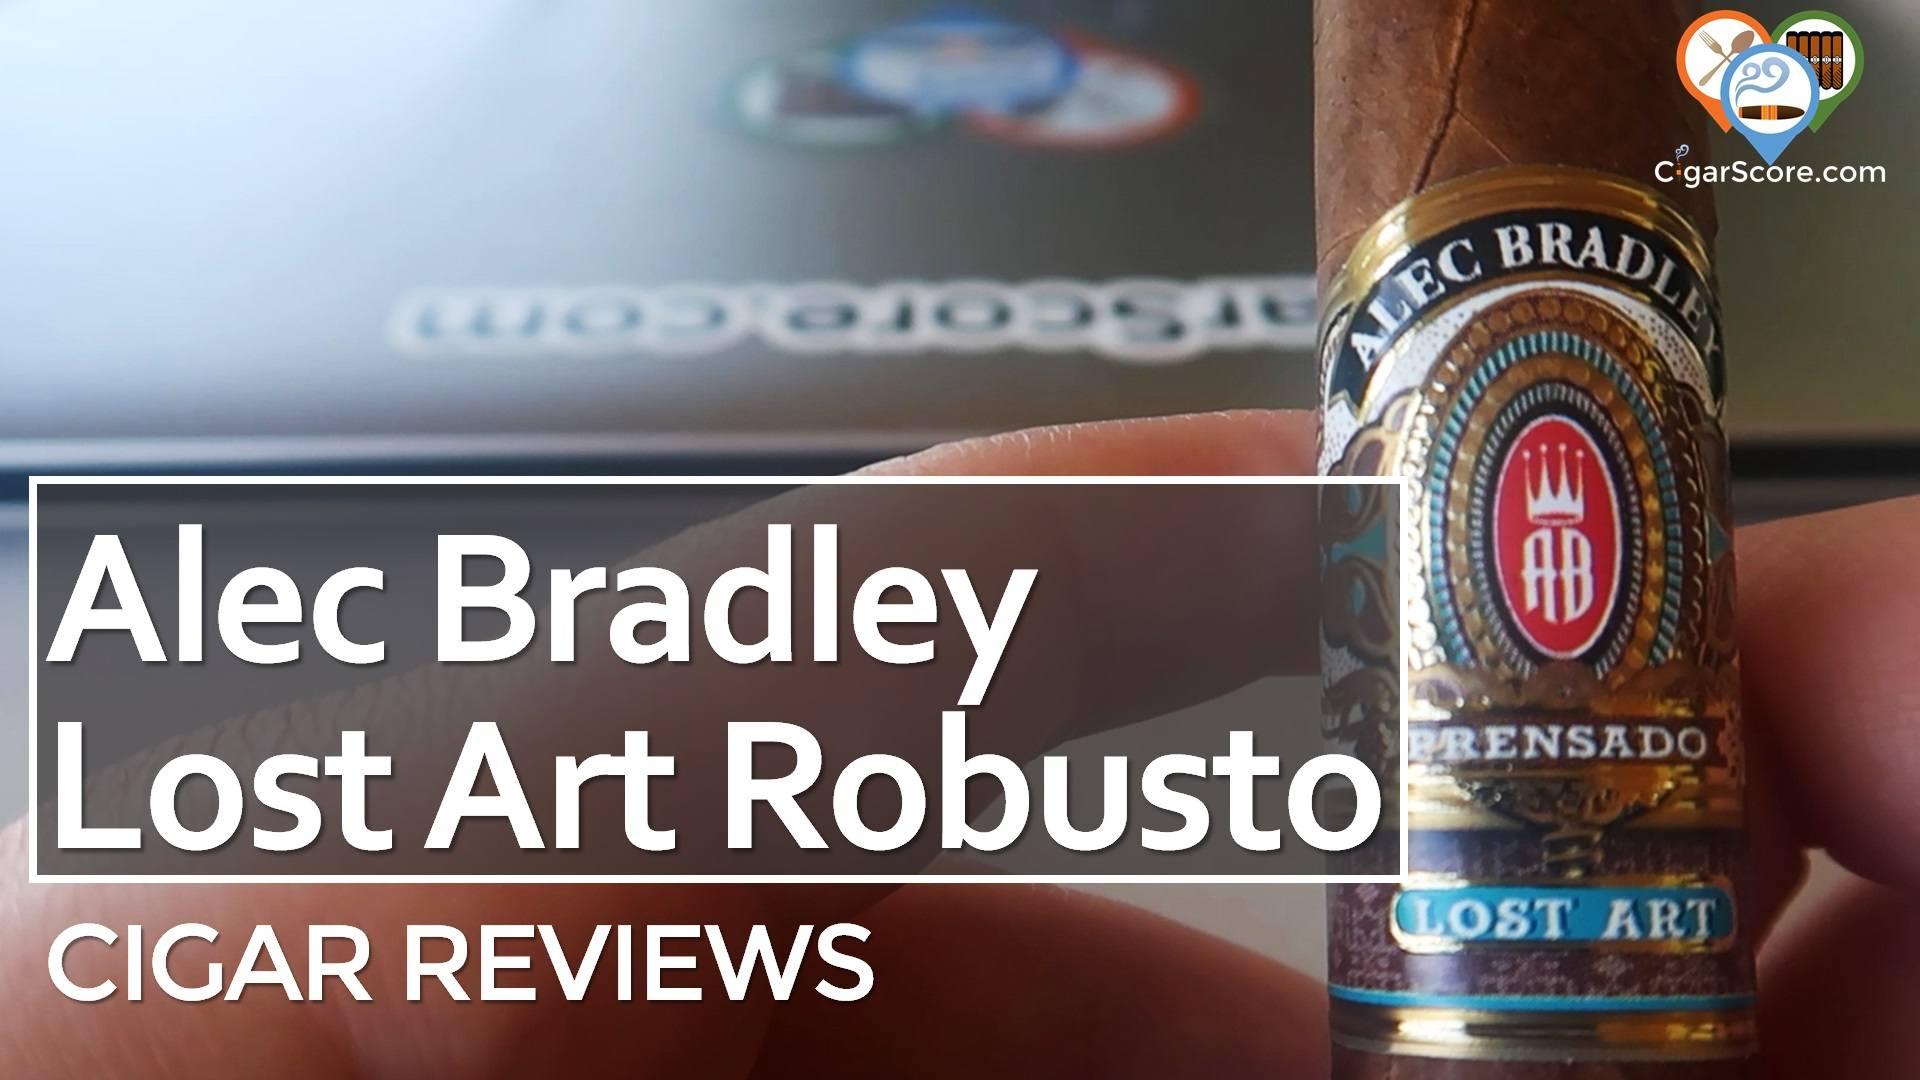 Cigar Review Alec Bradley Prensado Lost Art Robusto